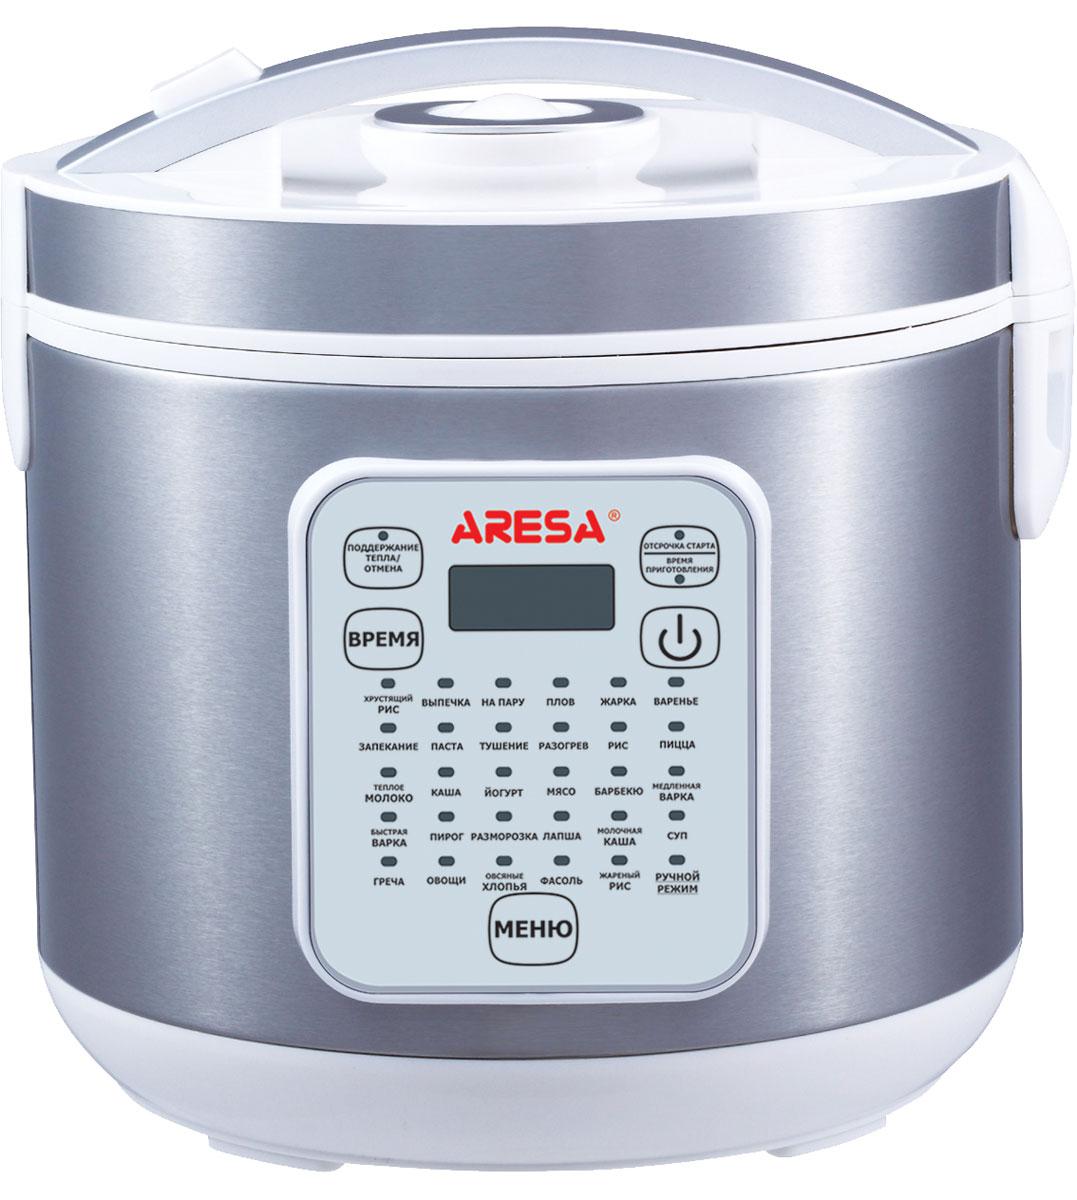 Aresa AR-2004 мультиваркаAR-2004Мультиварка Aresa AR-2004 имеет светодиодный LED-дисплей и вместительную чашу объемом 5 литров с керамическим покрытием. Прочный корпус из нержавеющей стали значительно повышает срок эксплуатации прибора. Множество различных функций и режимов приготовления позволит готовить именно те блюда, которые вам нравятся. Регулировка времени приготовления варьируется от 5 минут до 10 часов. В комплект входят полезные аксессуары для приготовления пищи, а книгу рецептов можно бесплатно скачать с сайта производителя.